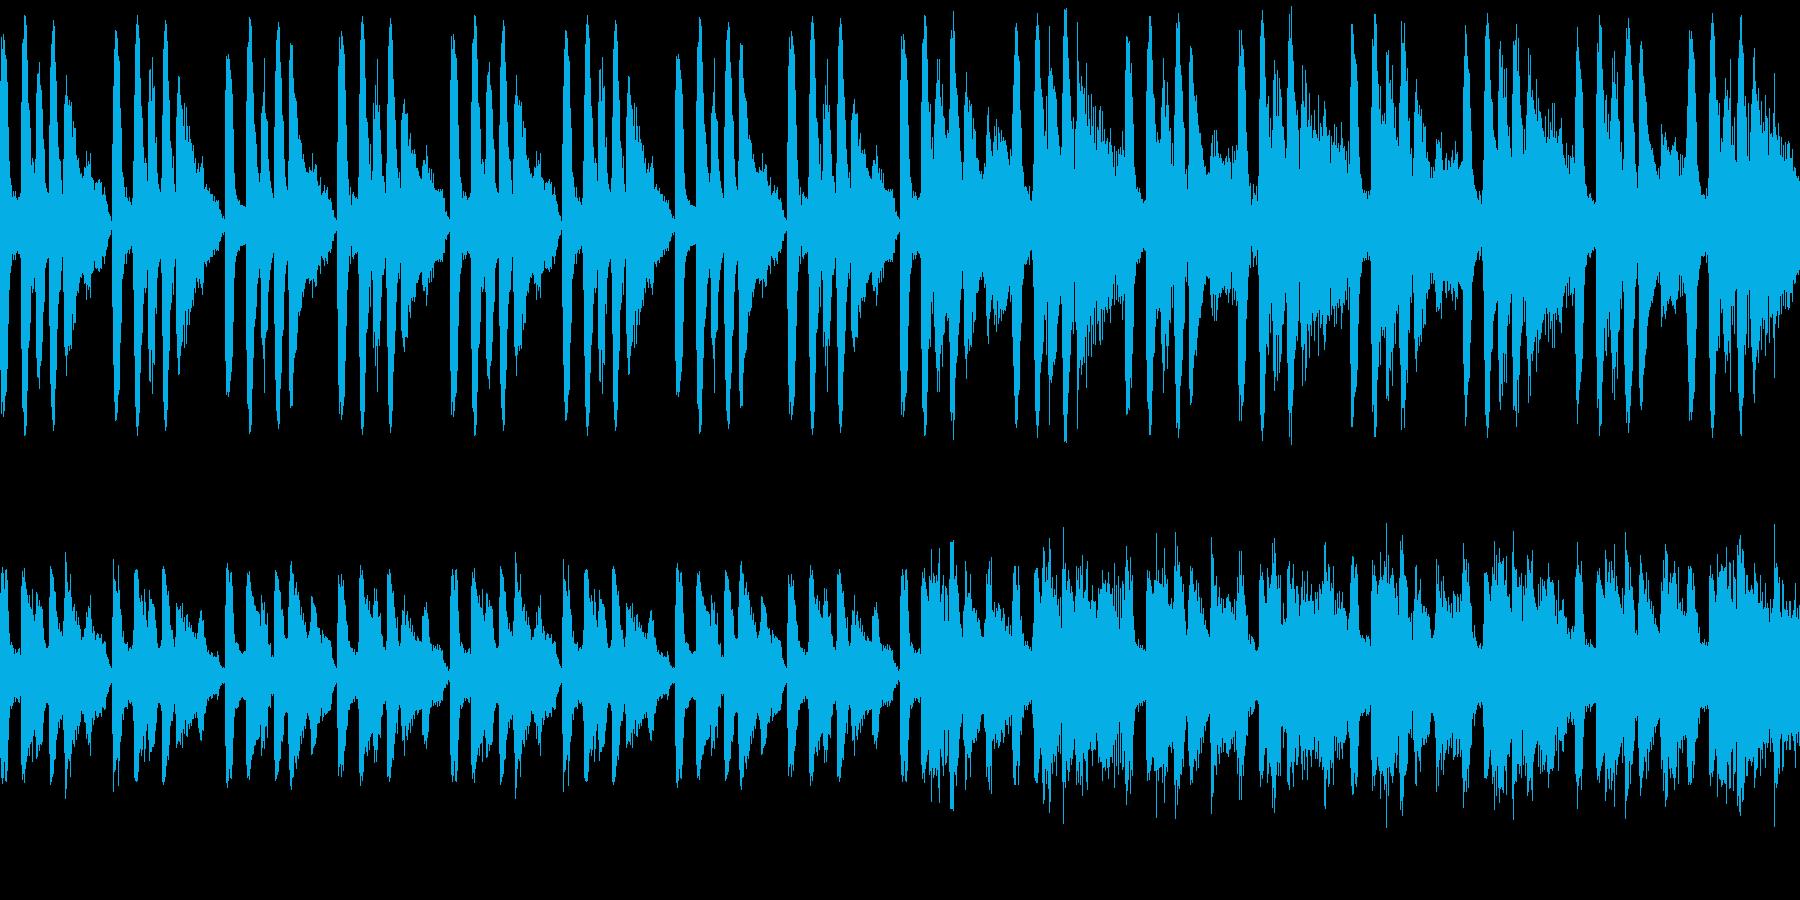 おかしい話みたいな曲(ループ仕様)の再生済みの波形